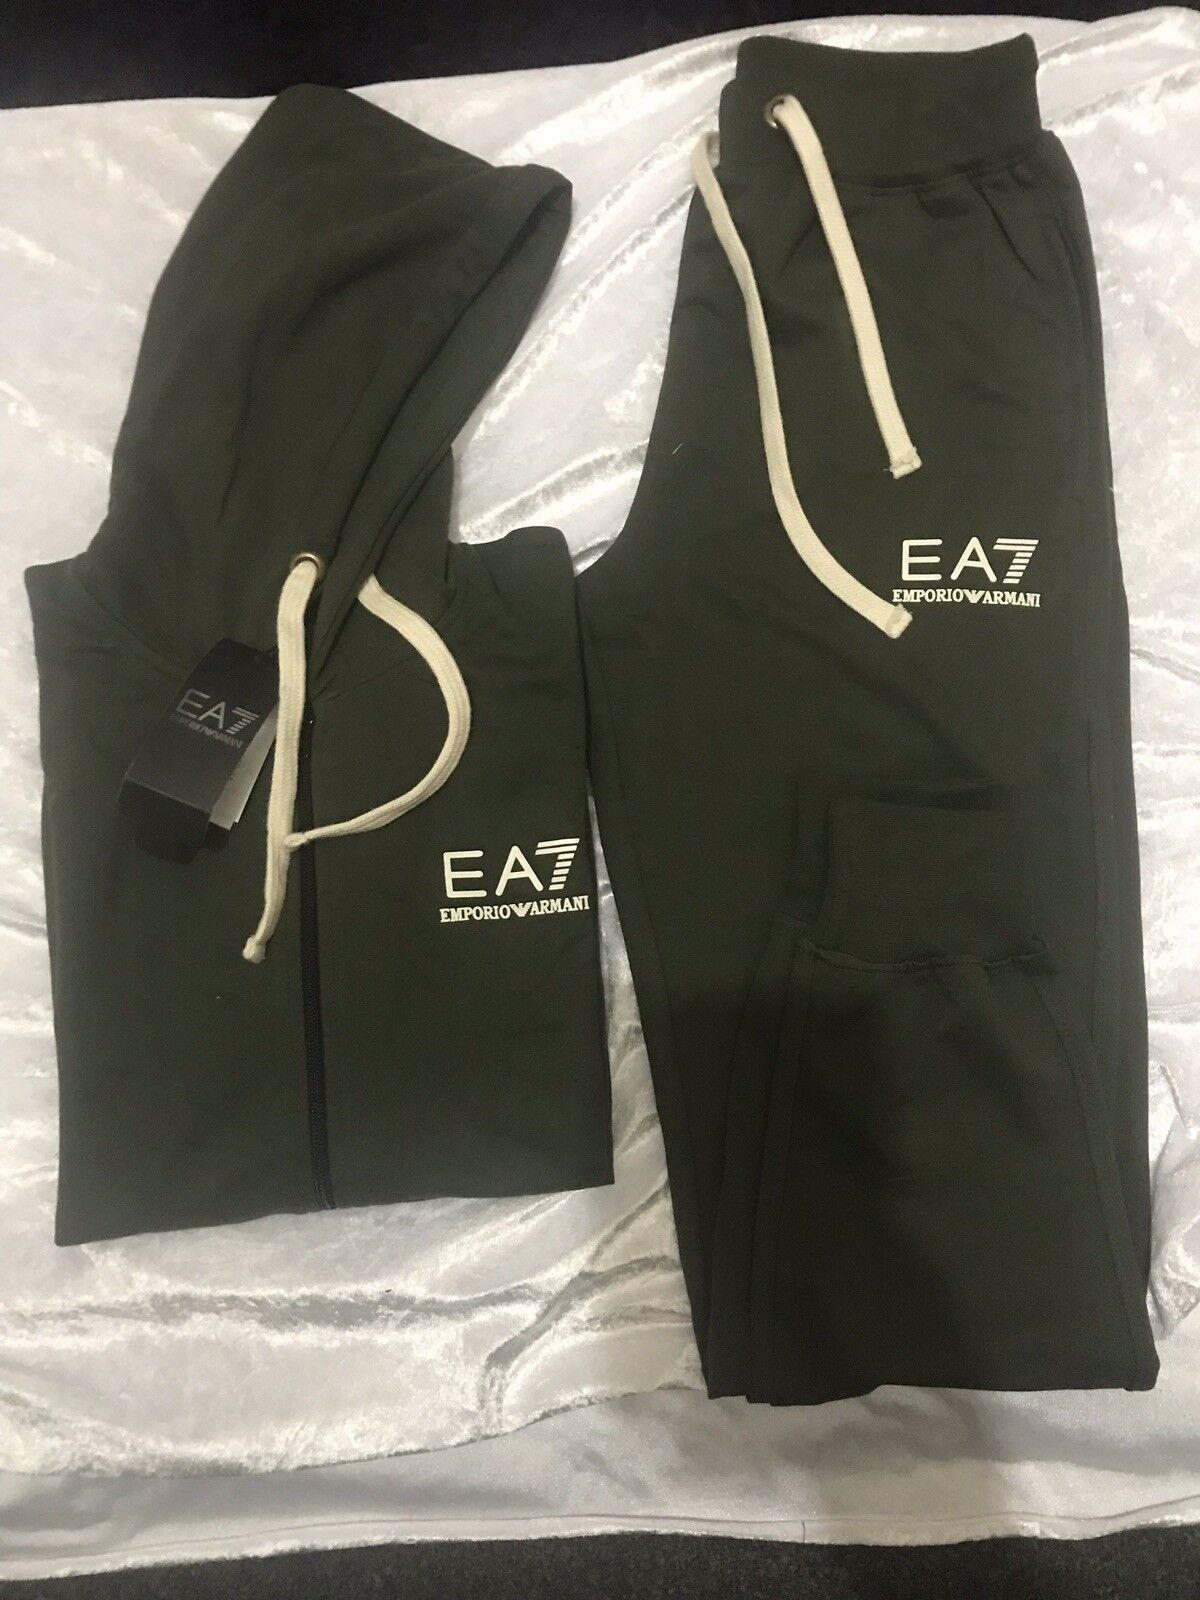 Emporia Armani EA7 Full Zip Chándal verde Oliva  tamaño  XLarge. venta VENTA VENTA  60% de descuento